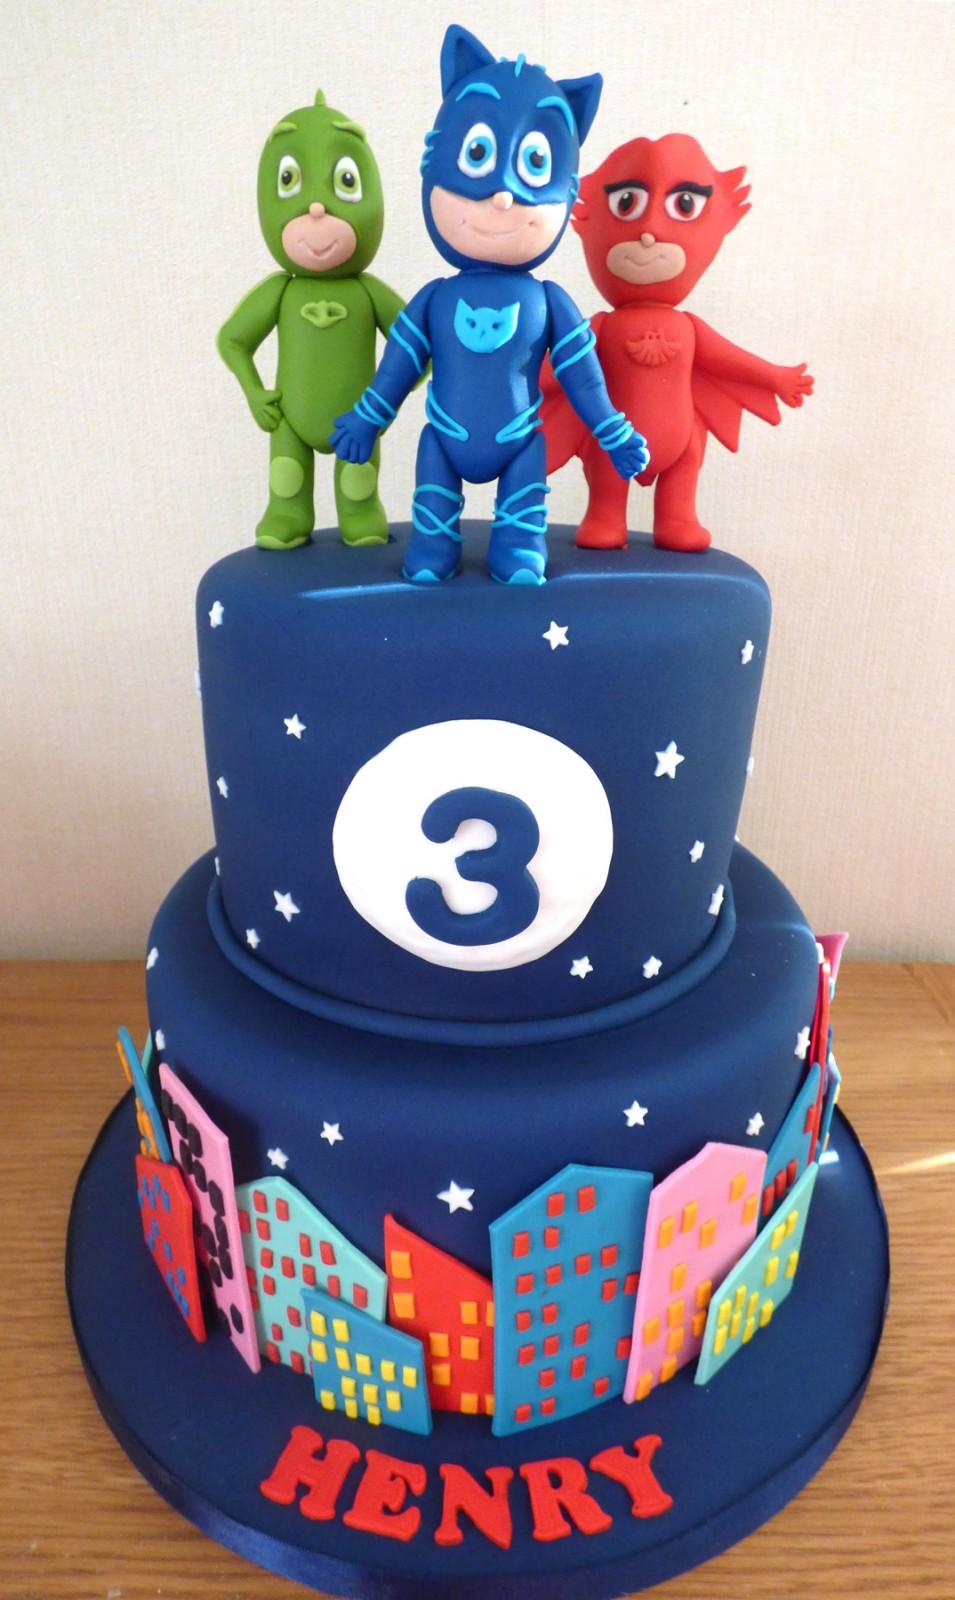 2 tier pj mask birthday cake « susie's cakes